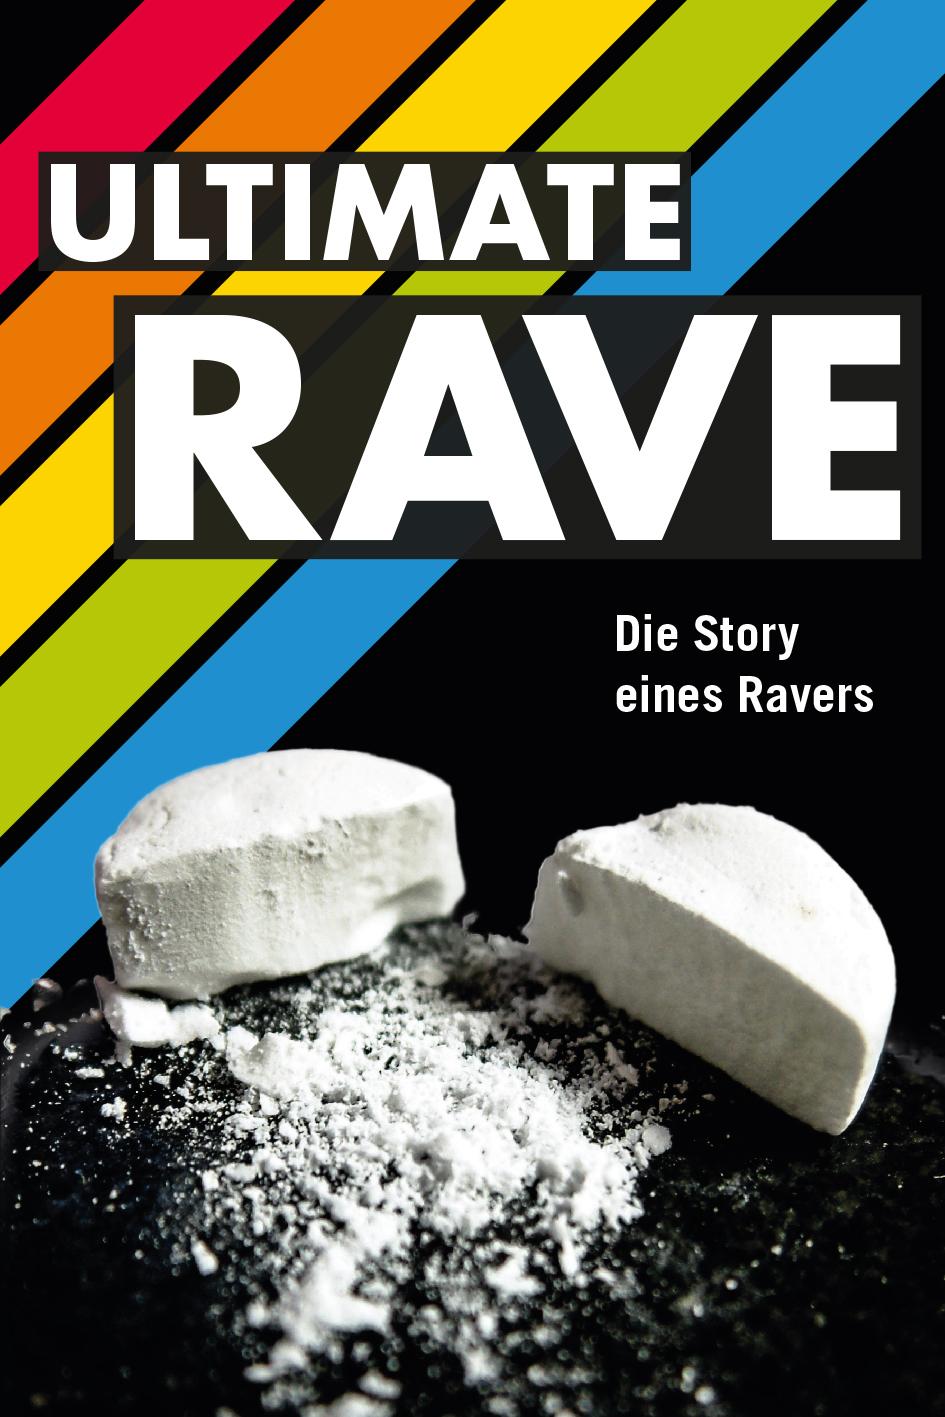 CLV_ultimate-rave_soulsaver-e-v_256401_1